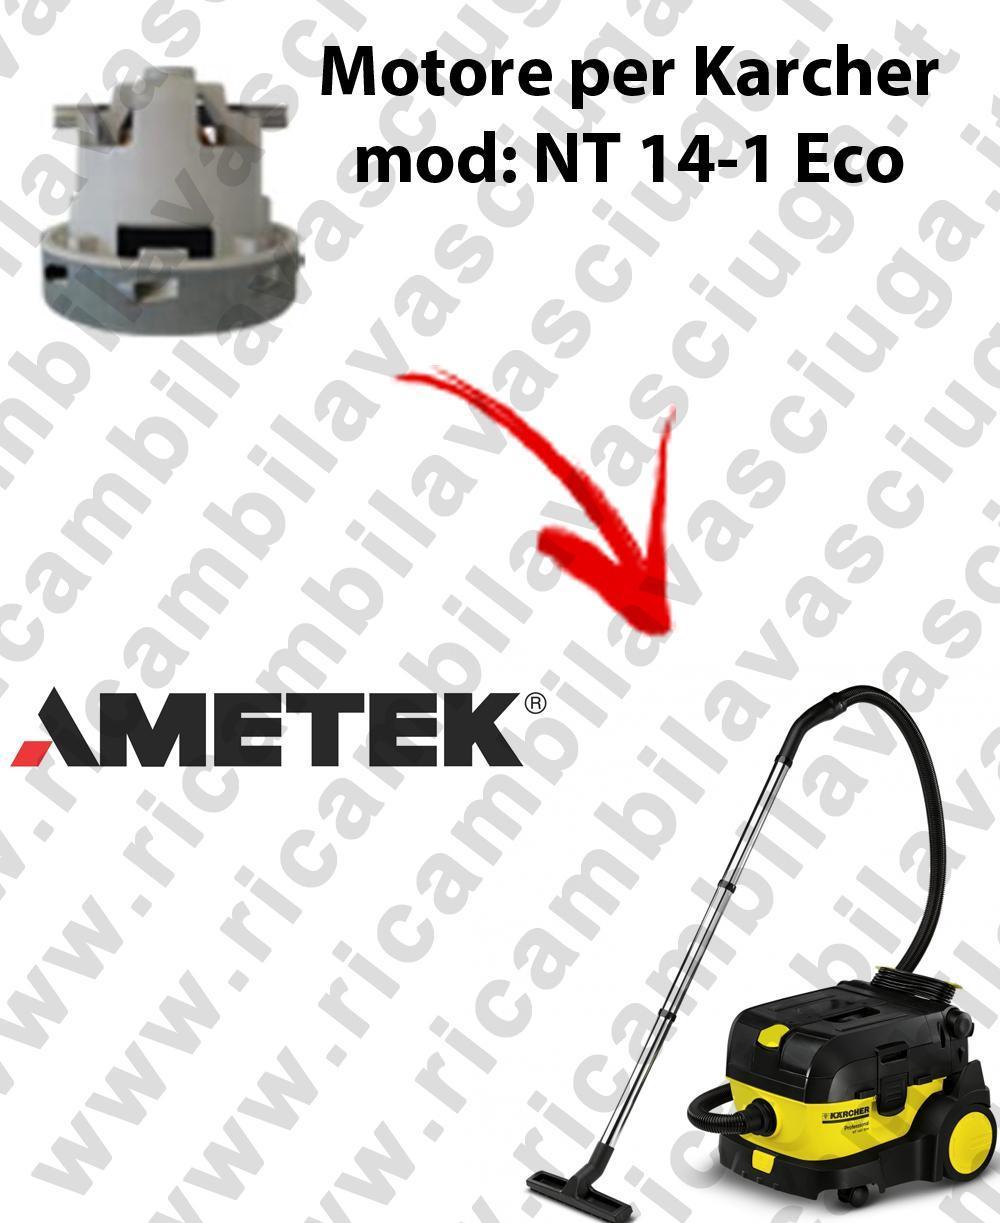 NT 14-1 Eco Saugmotor AMETEK für Staubsauger KARCHER